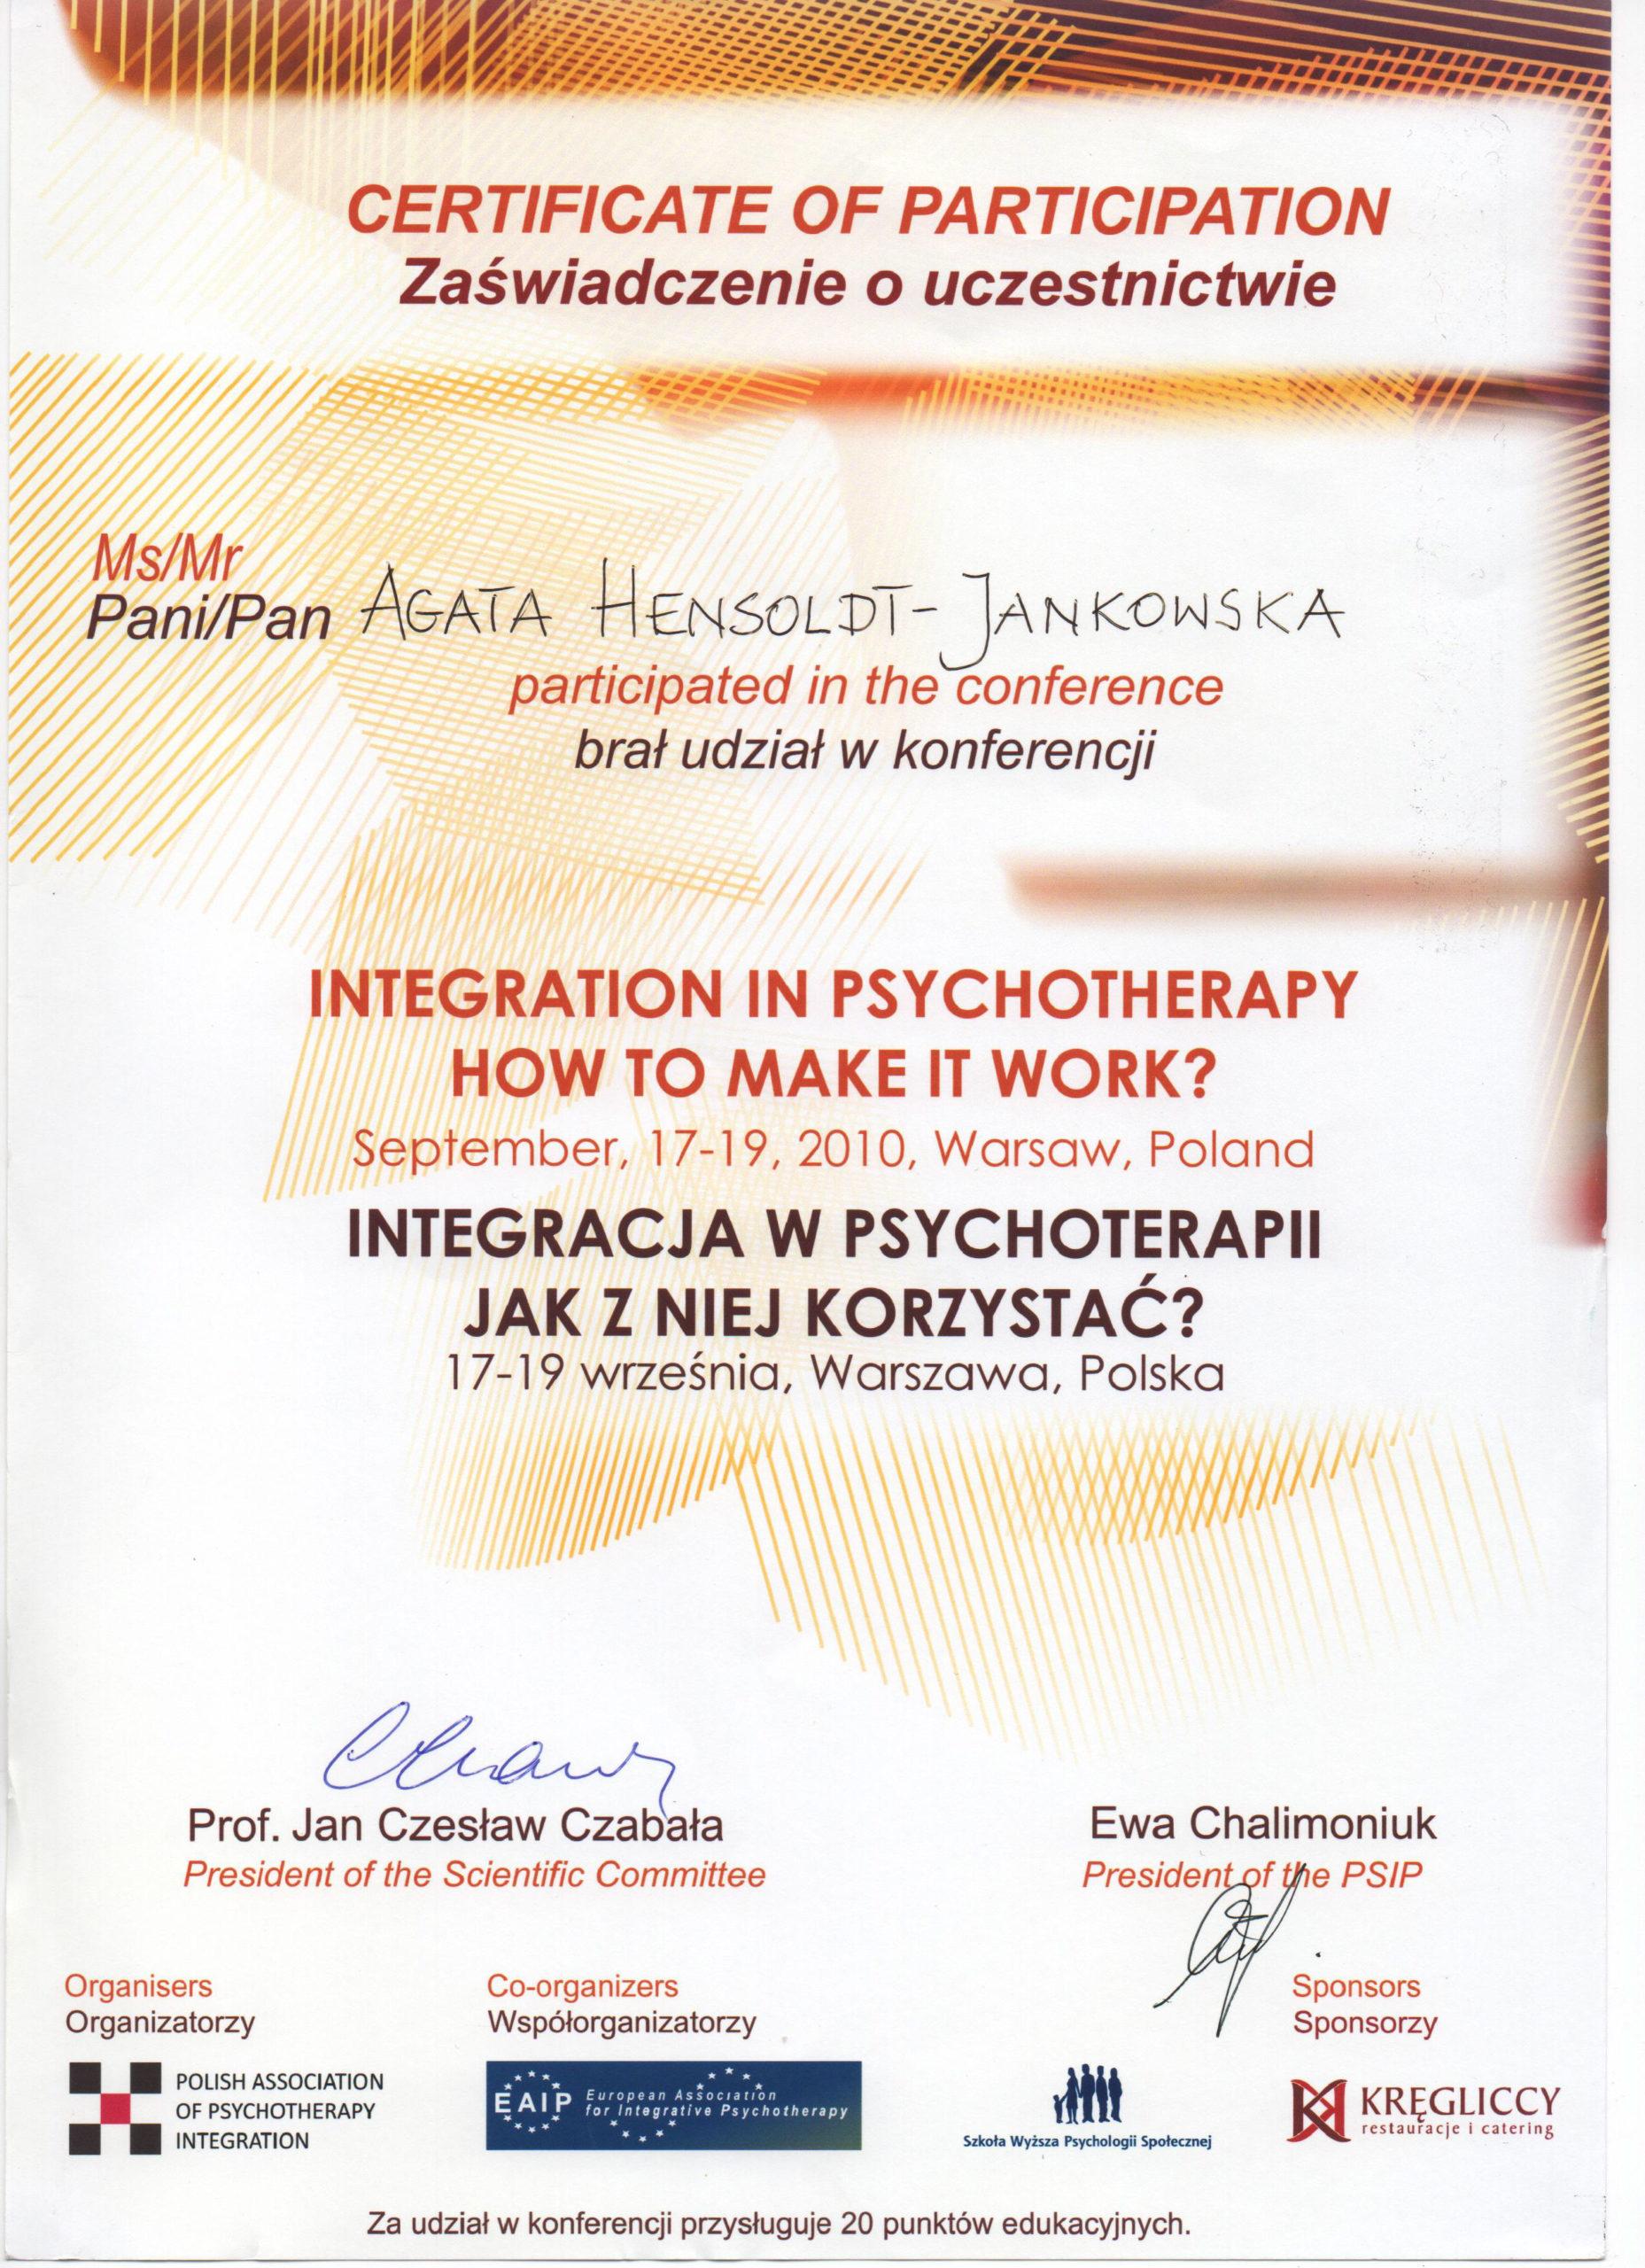 Integracja w psychoterapii